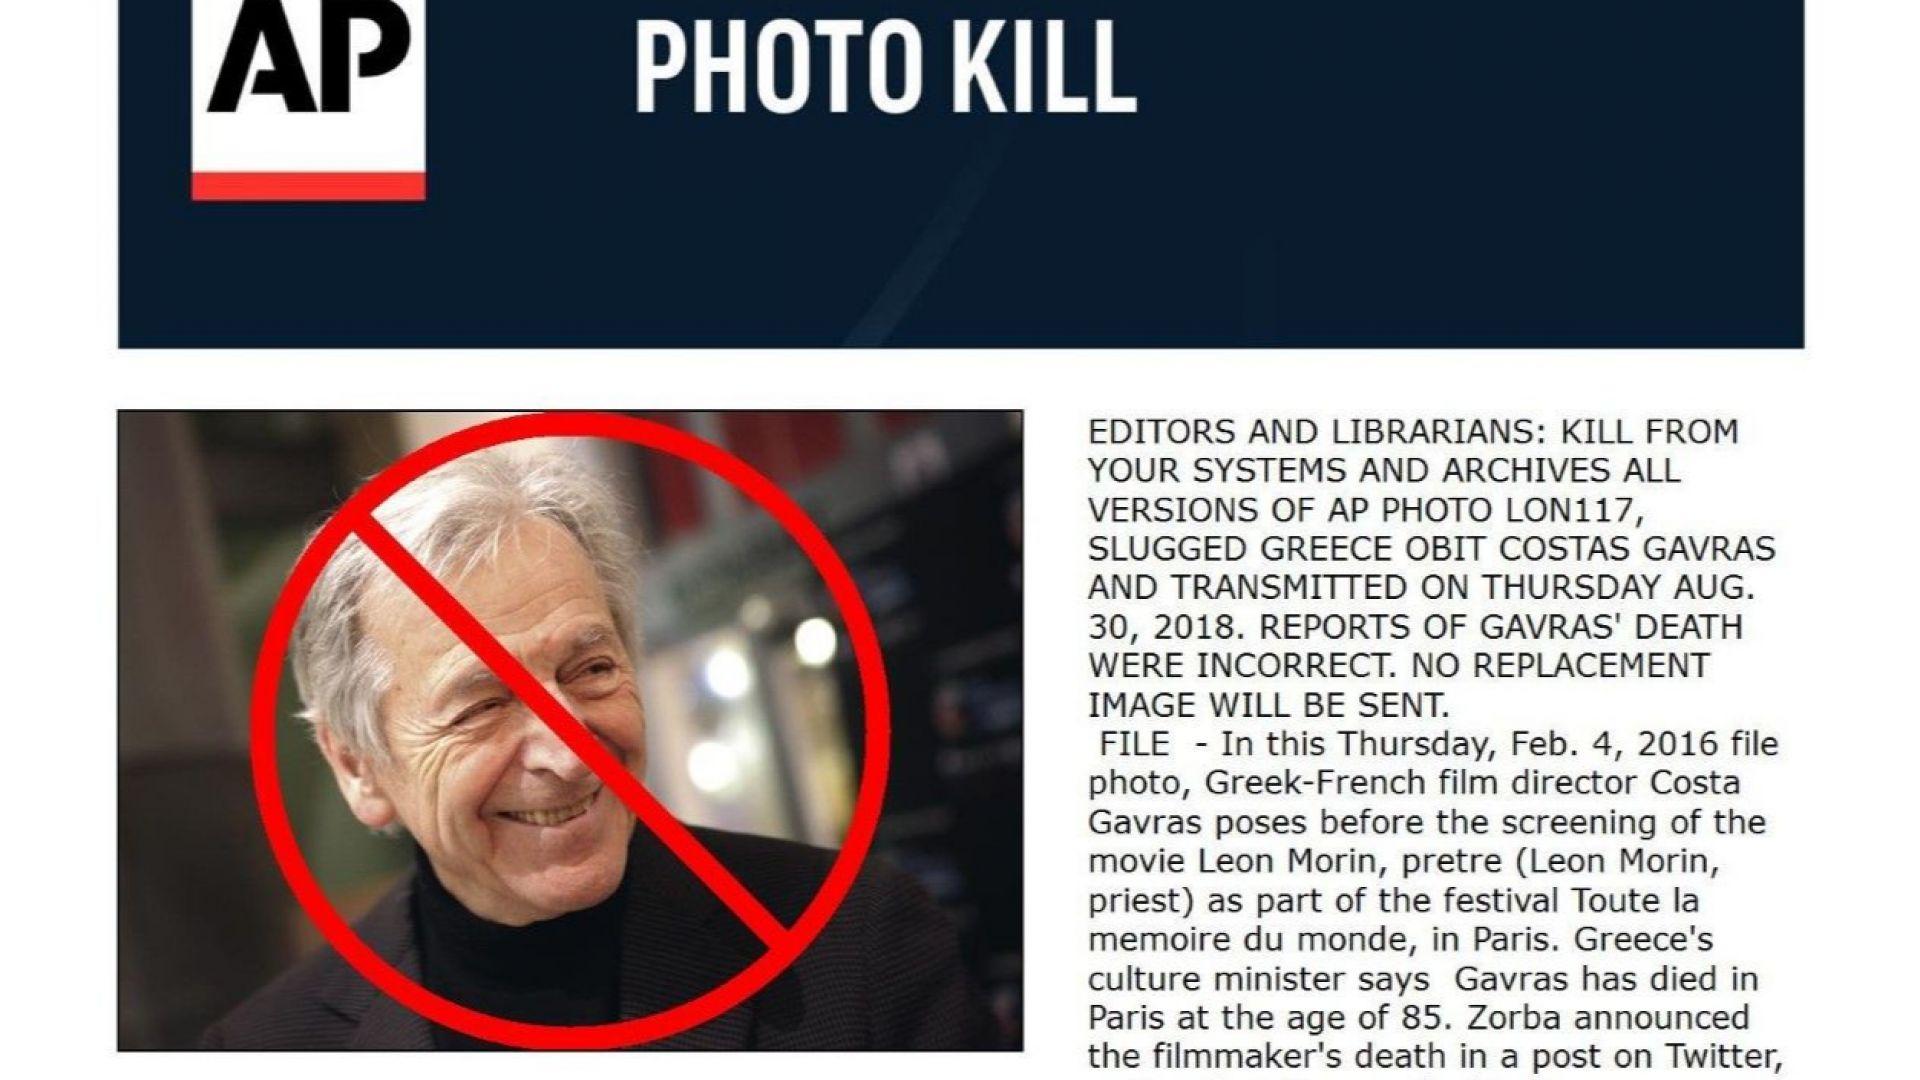 Фалшива новина, че Коста Гаврас е починал в измислен акаунт на министърка